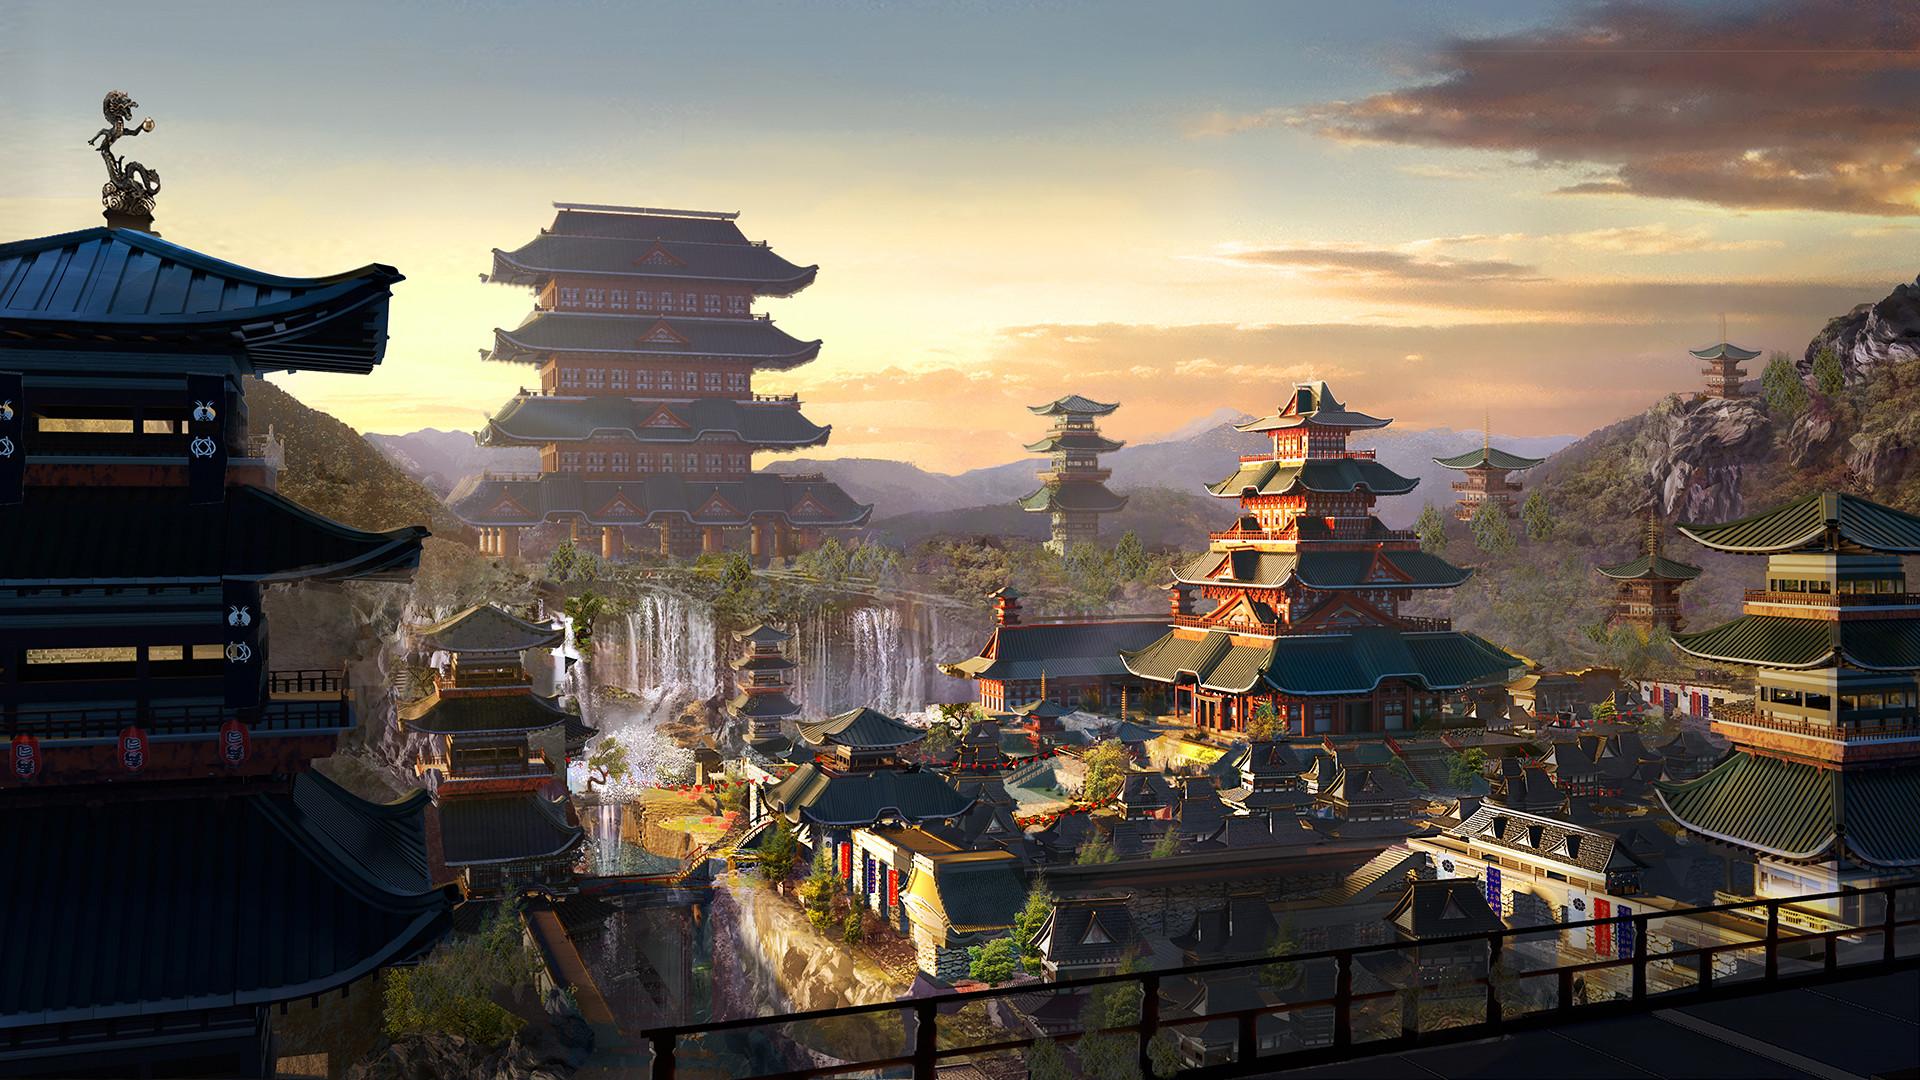 Resultado de imagen para feudal japan aesthetic